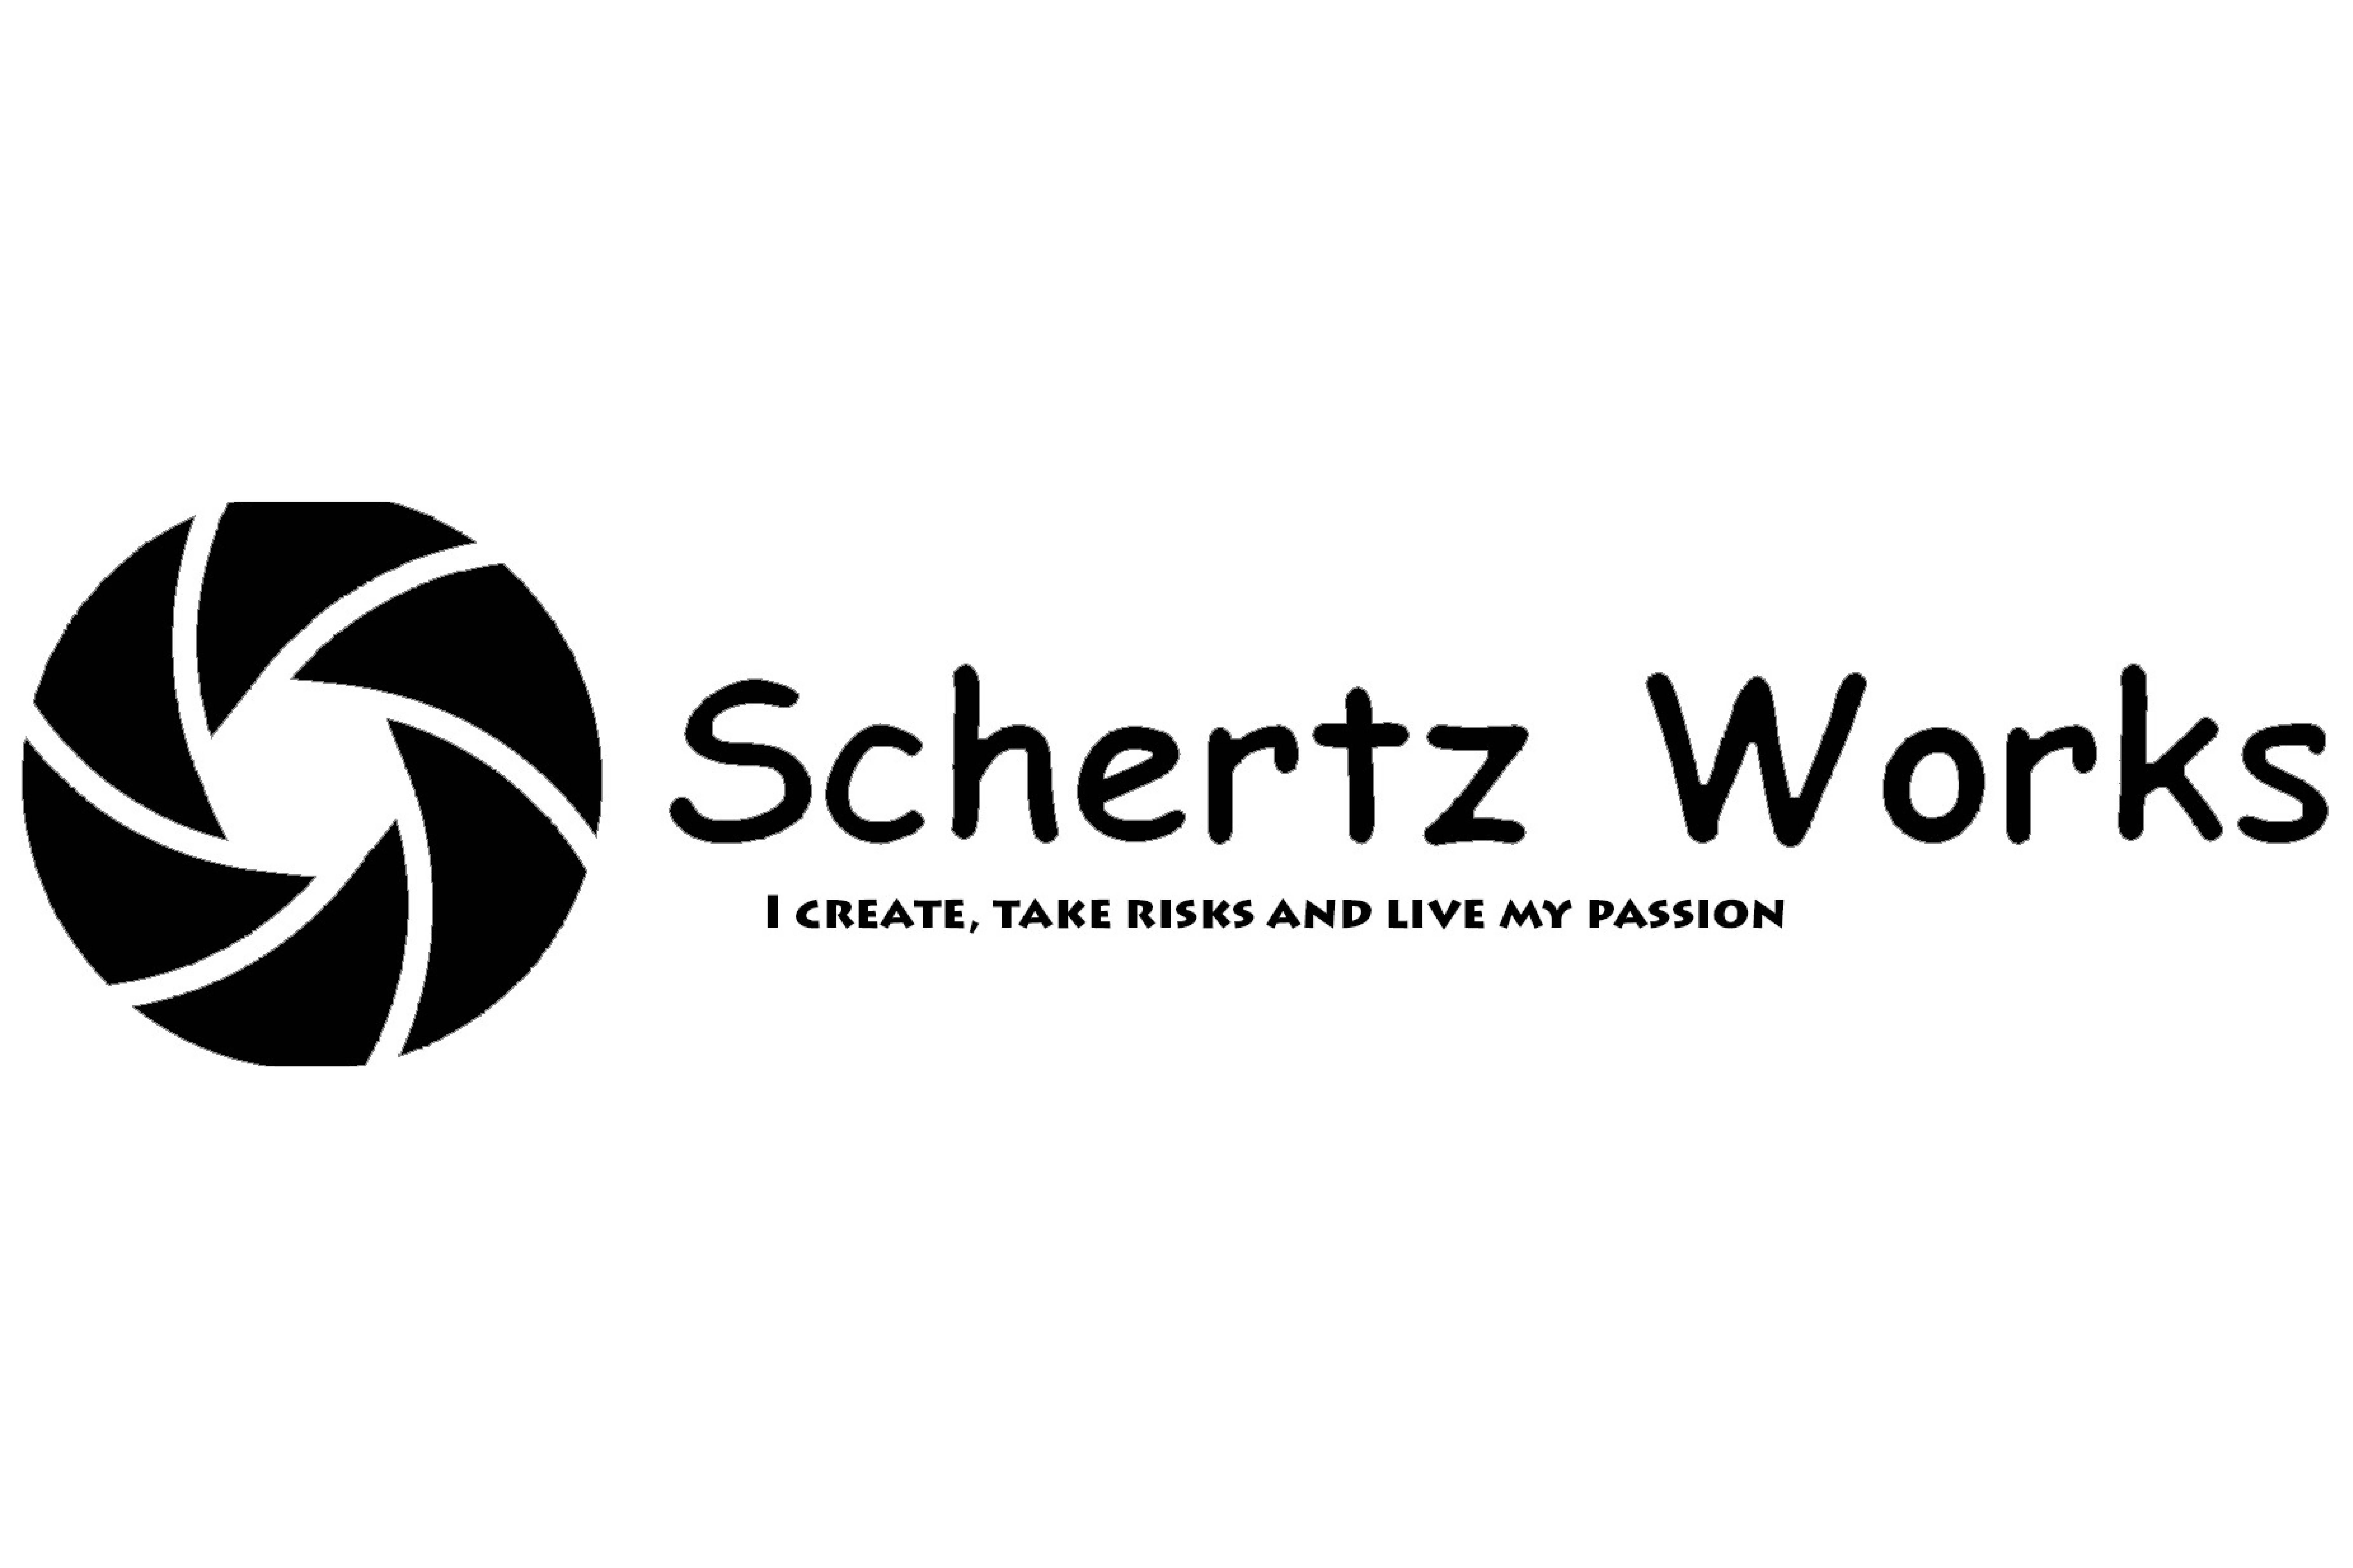 Schertz Works